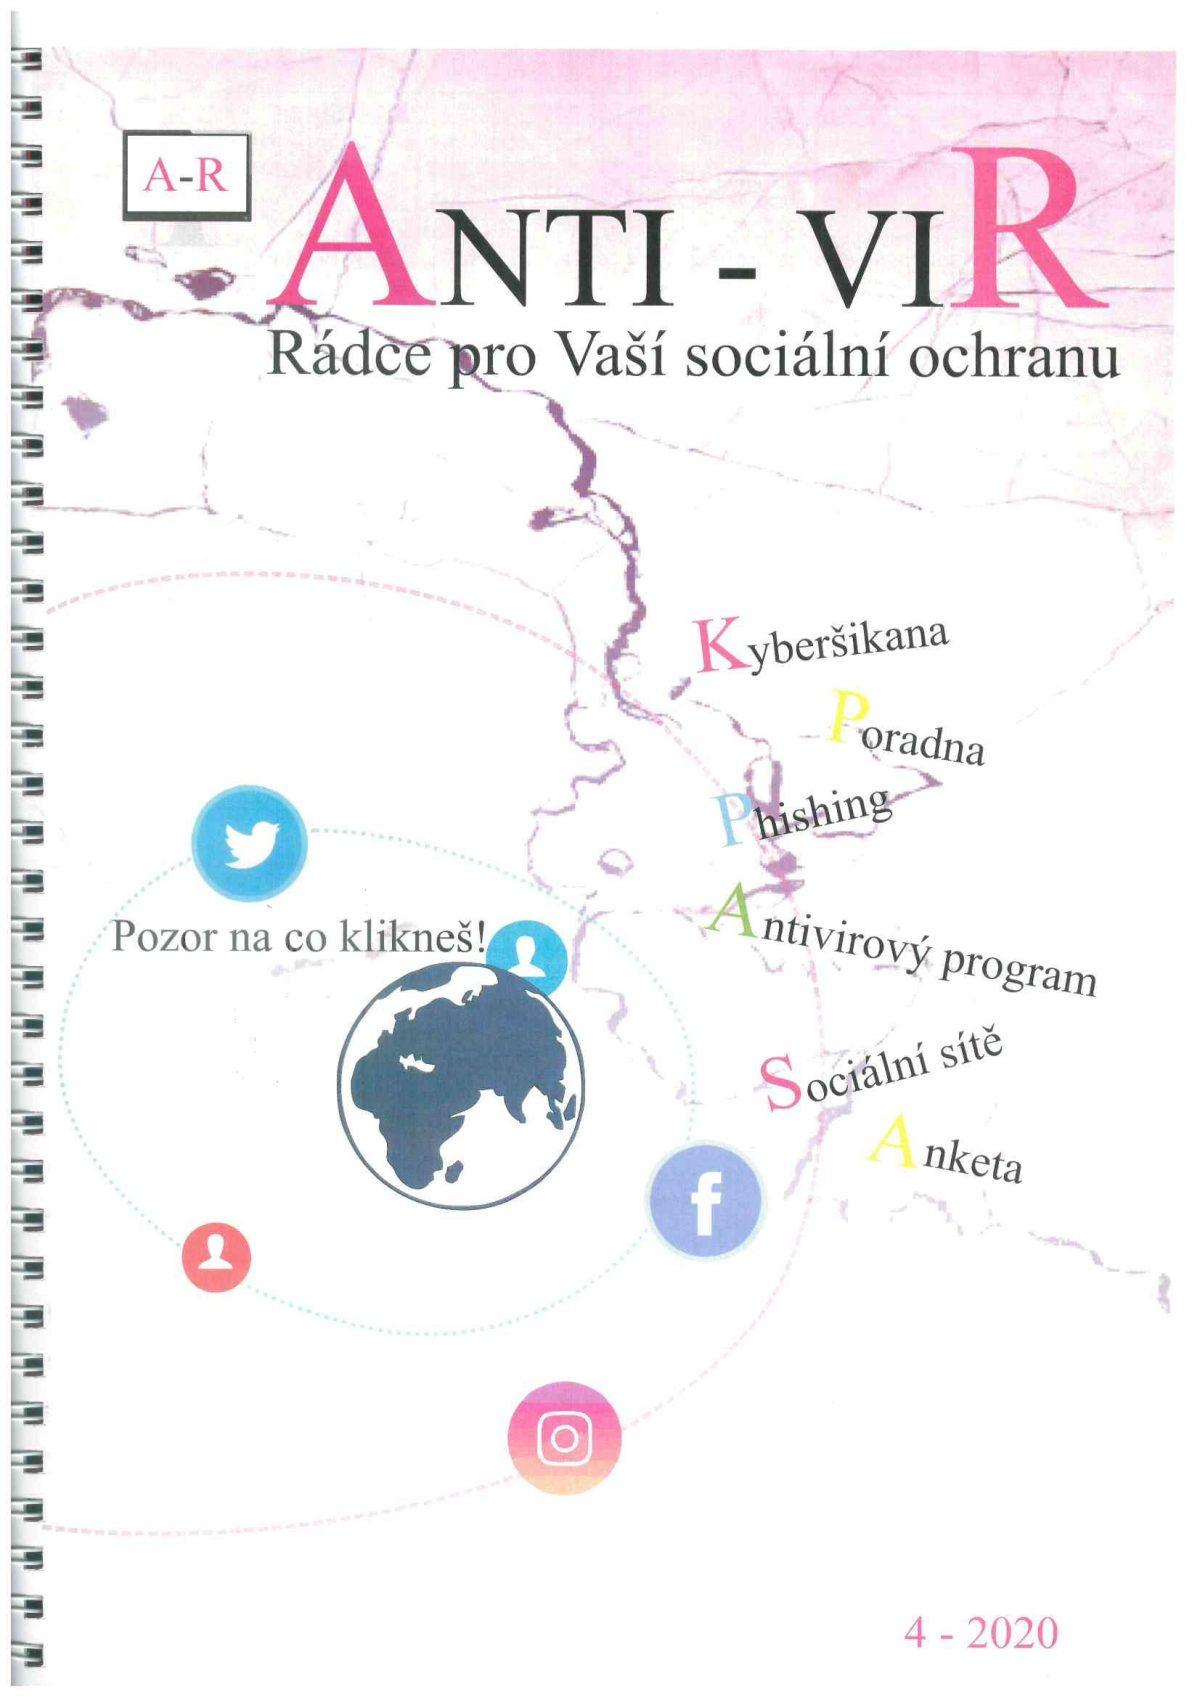 Titulní strana soutěžního časopisu ANTI - VIR